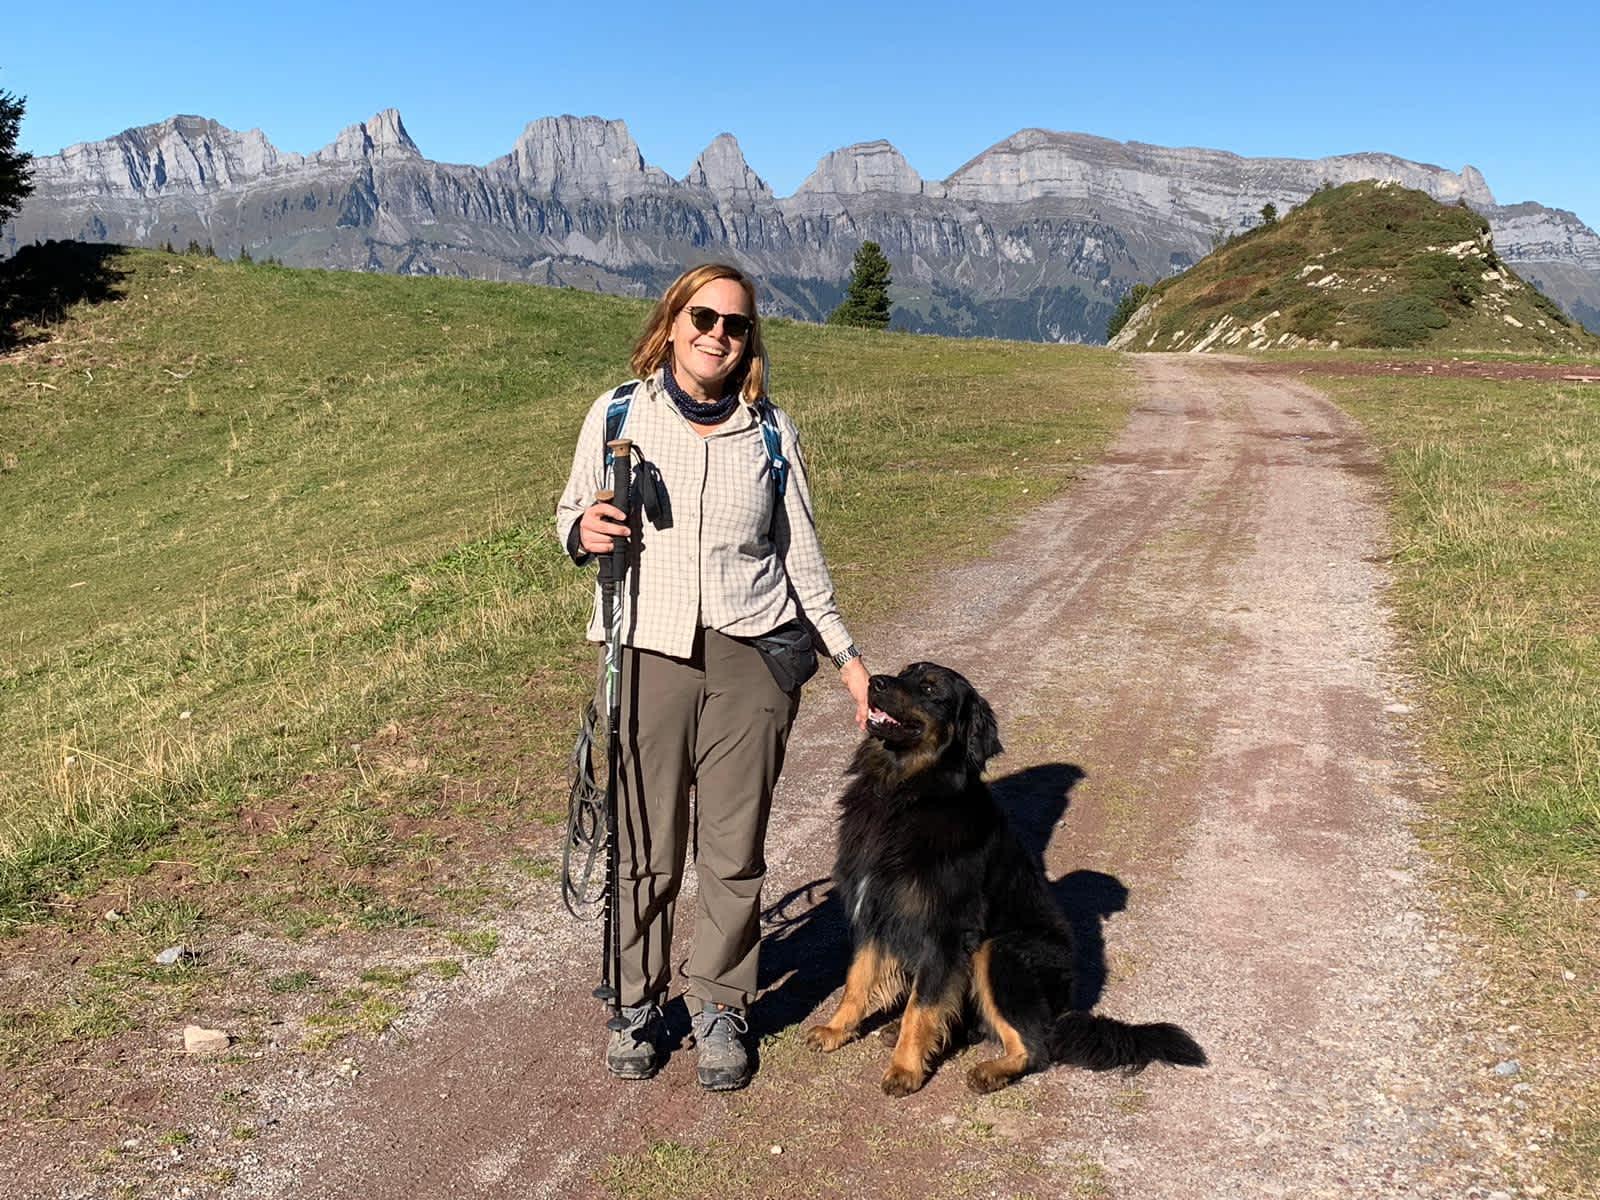 Rika from Frankfurt am Main, Germany